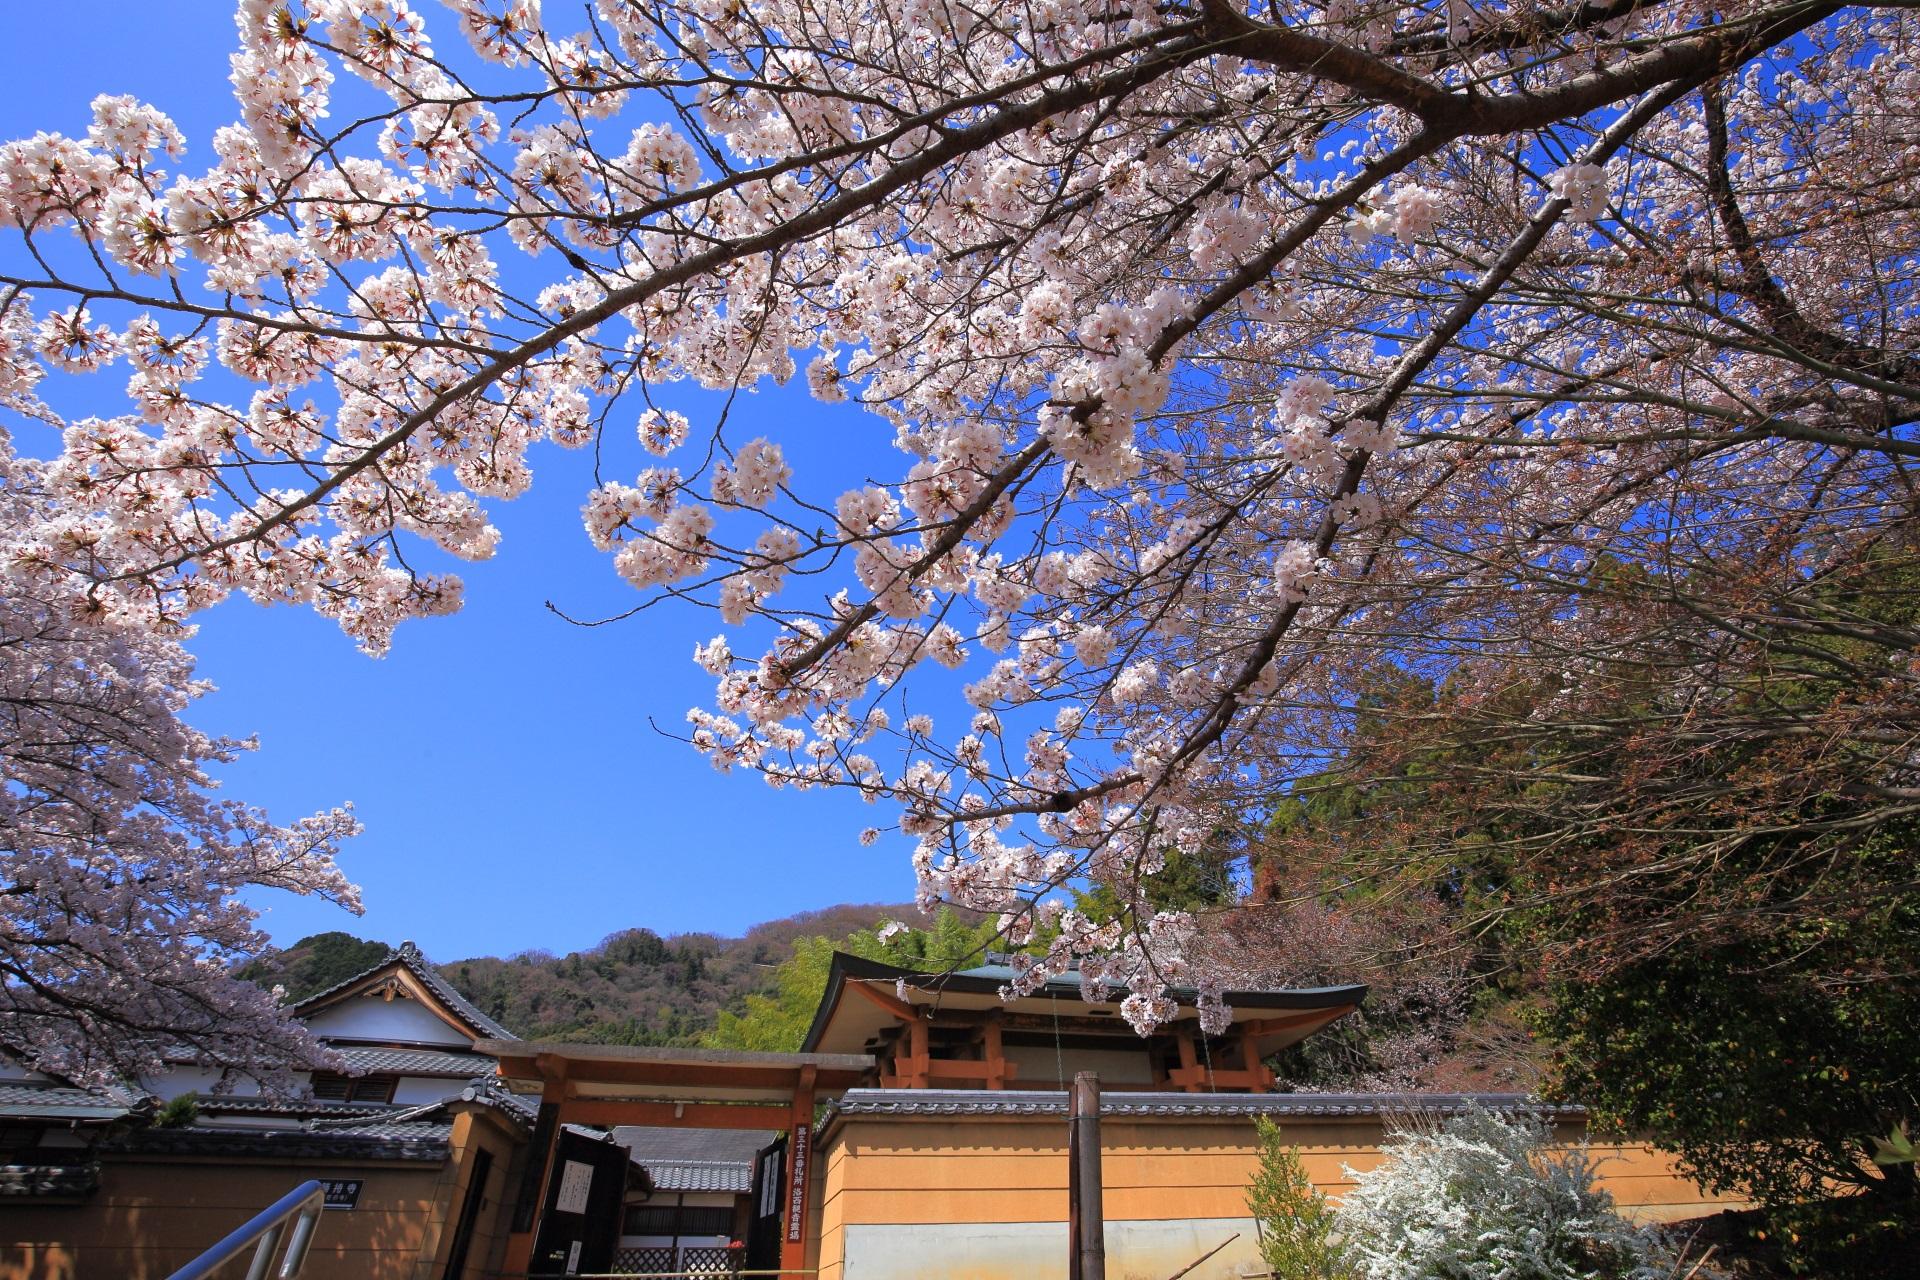 京都西山の桜の穴場の願徳寺